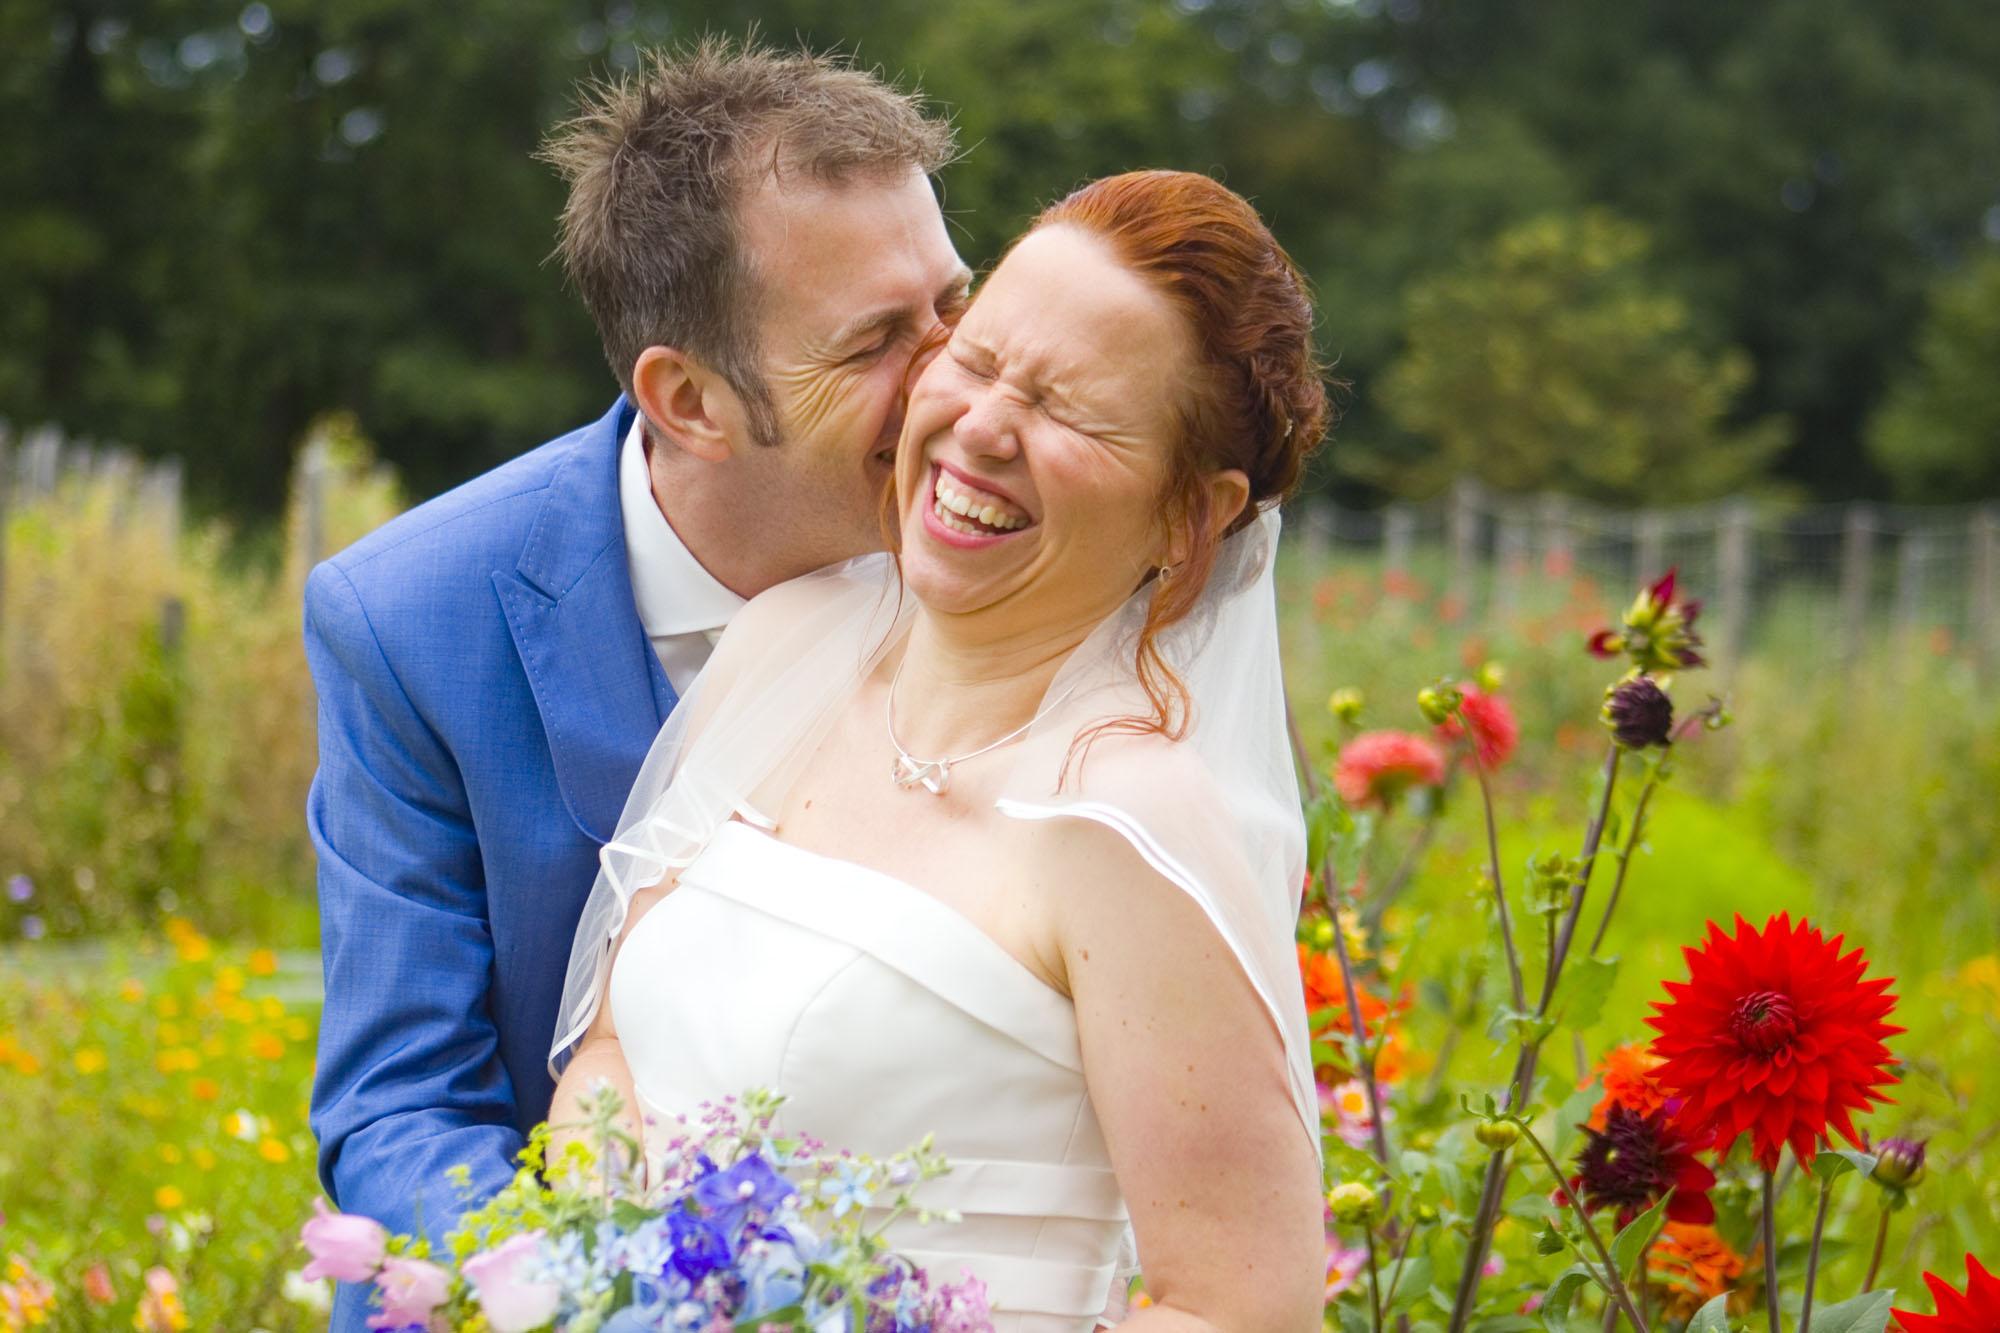 Bruidsfpaar in bloemen tuin bruiloft De Hertenhorst Delft trouwreportage moestuin Delftse Hout